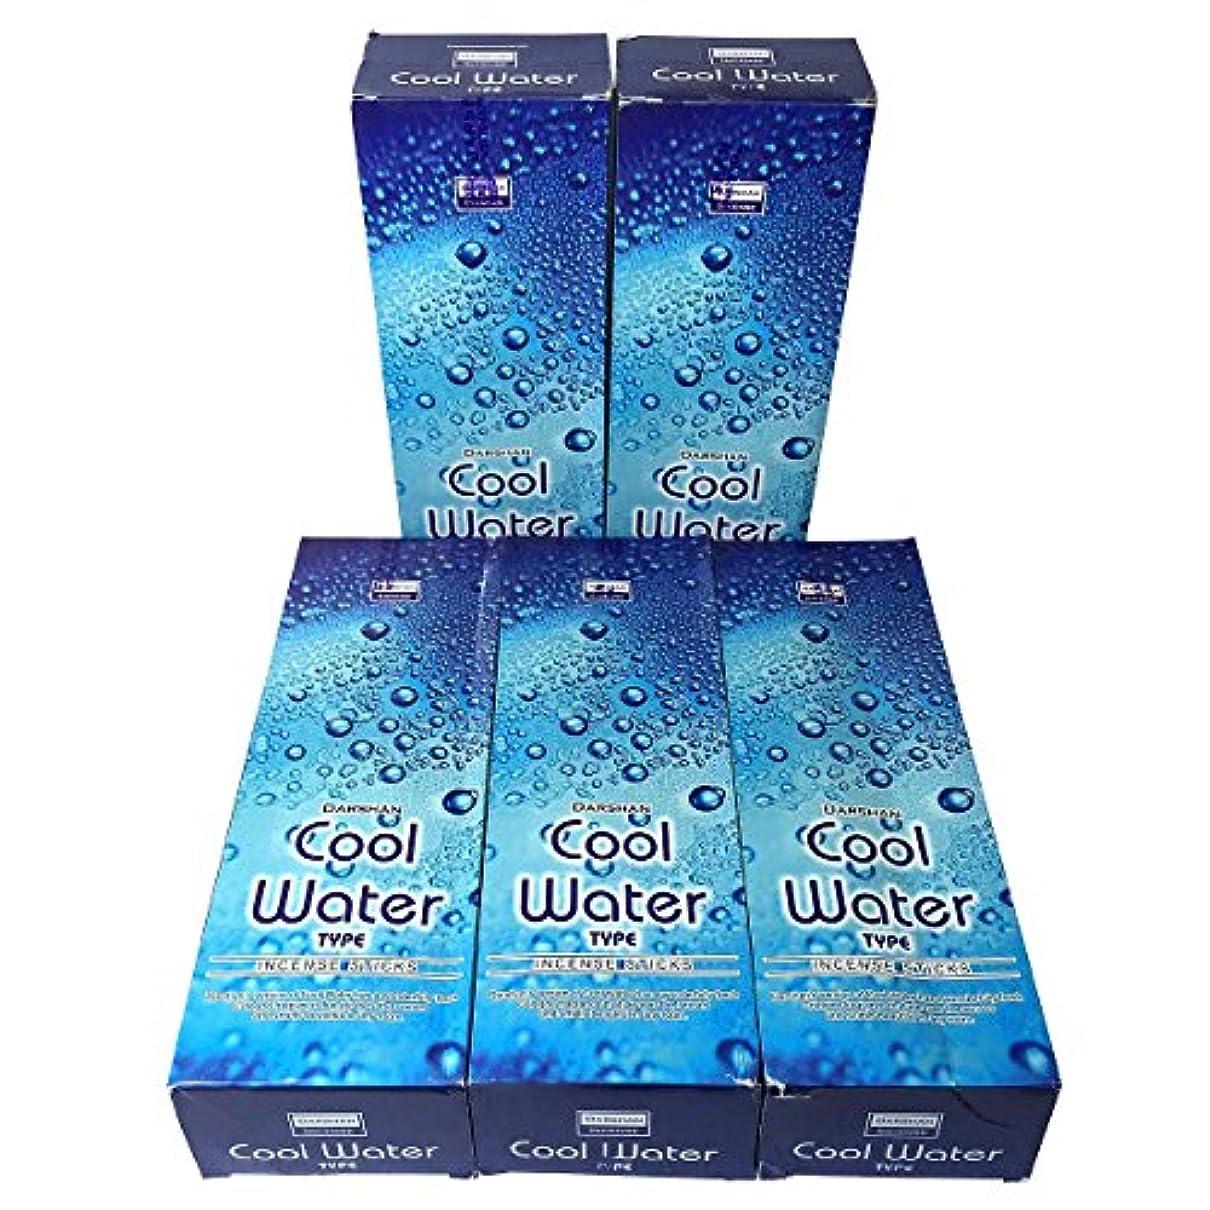 割り込みにぎやか受粉者クールウォーター香スティック 5BOX(30箱)/DARSHAN COOL WATER/ インド香 / 送料無料 [並行輸入品]